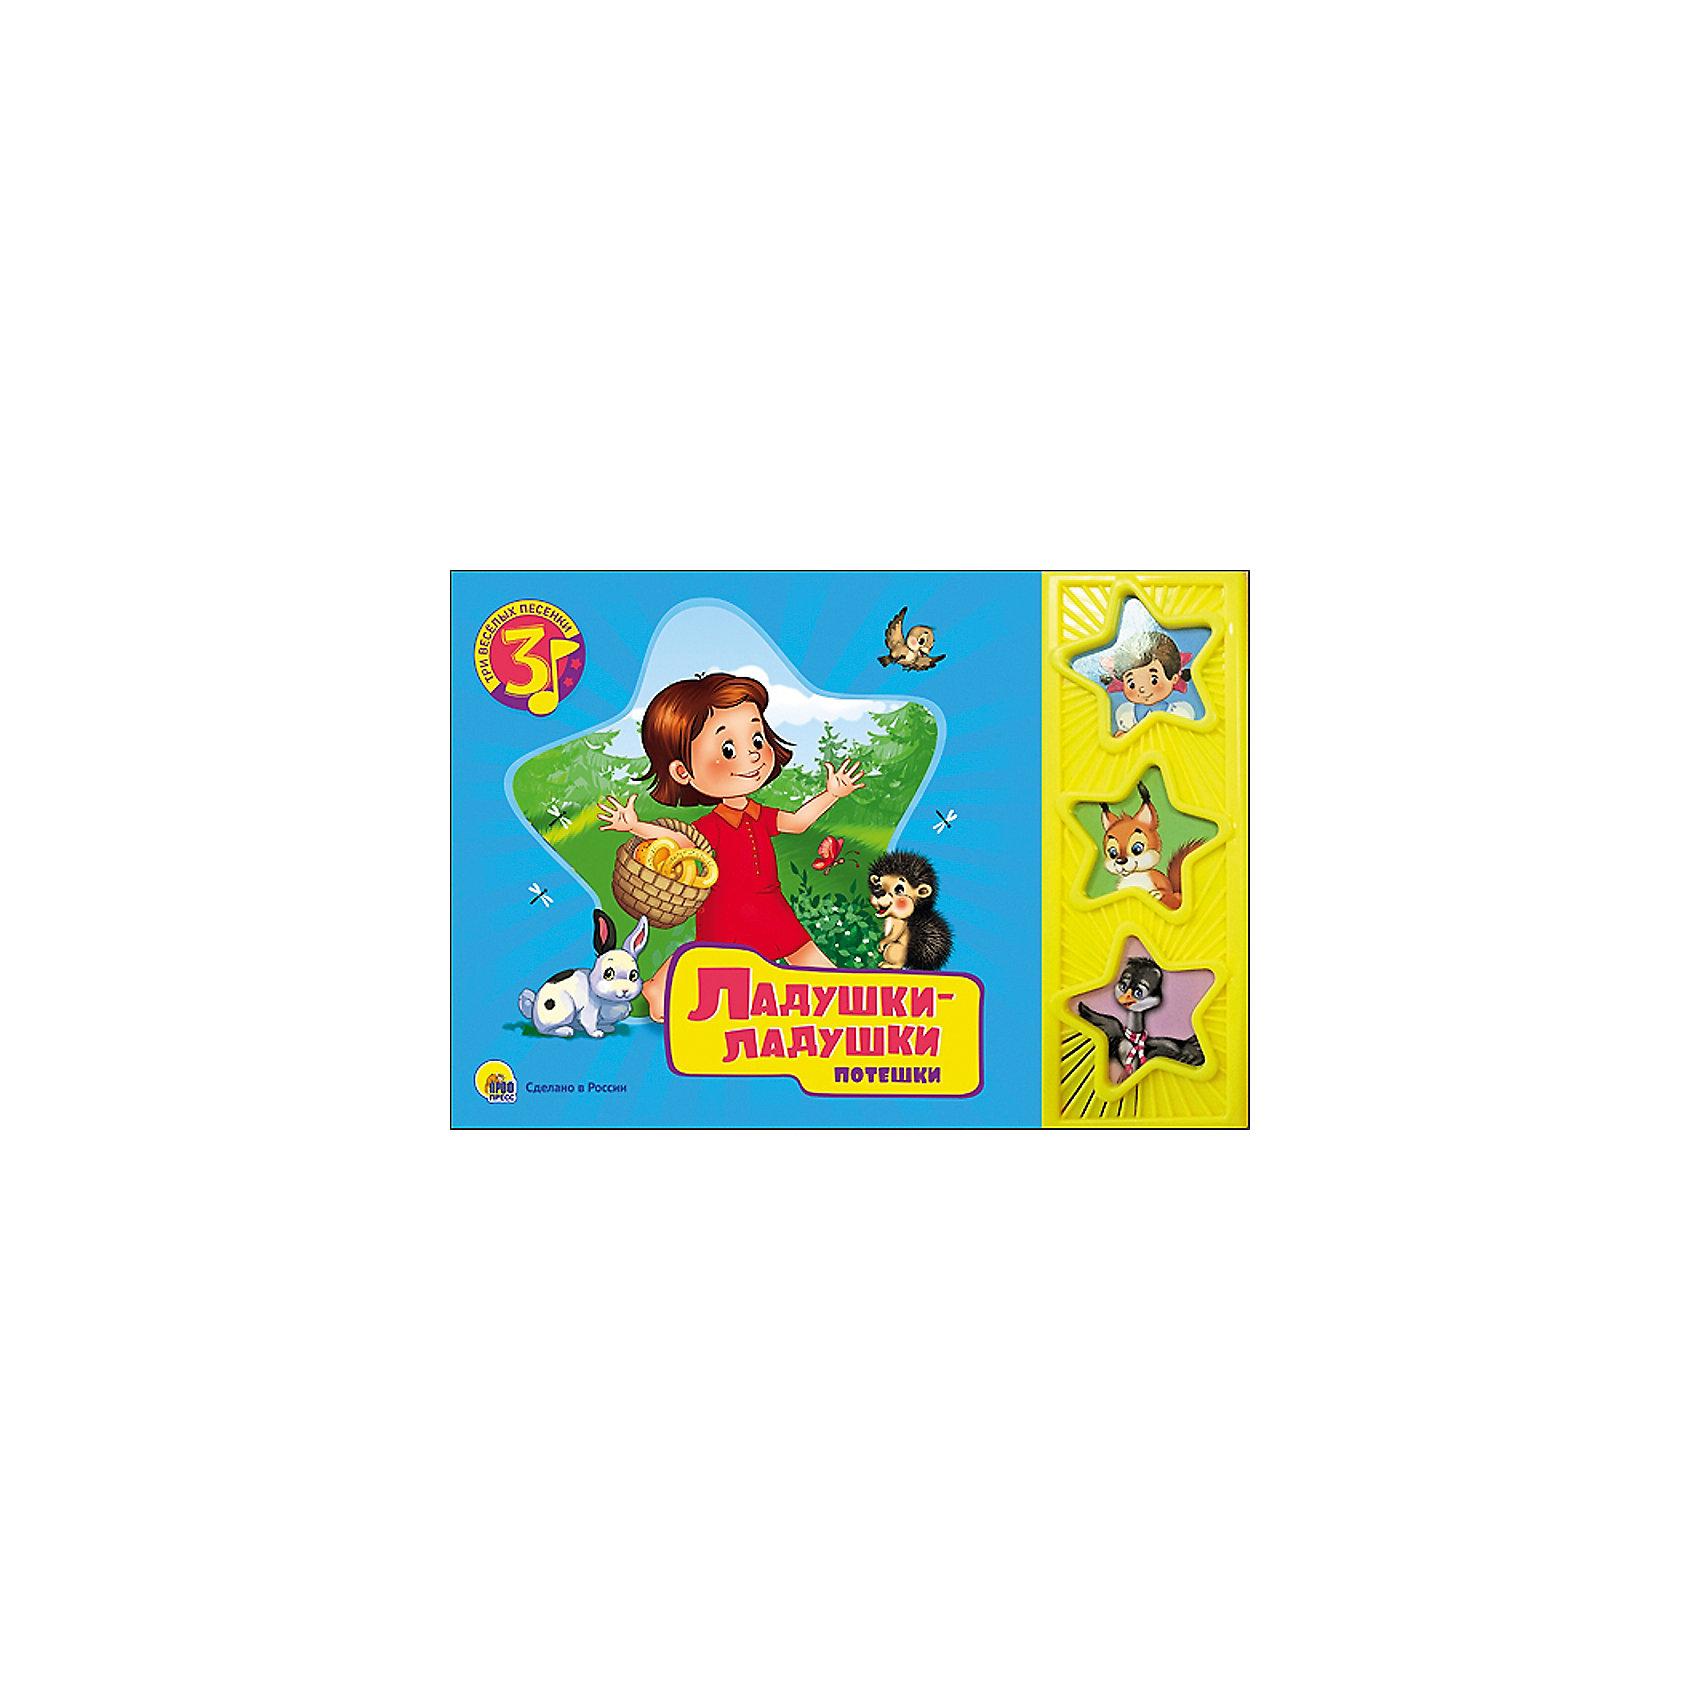 Ладушки-ладушки, Три веселых песенкиКниги - это лучший подарок не только взрослым, они помогают детям познавать мир и учиться читать, также книги позволяют ребенку весело проводить время. Они также стимулируют развитие воображения, логики и творческого мышления. В данной серии книг собраны потешки и сказки, проверенные многими поколениями, которые понравятся и современным детям. <br>Это издание сделано специально для самых маленьких - с плотными страничками, при переворачивании которых голос профессионального диктора рассказывает сказки или потешки. Яркие картинки обязательно понравятся малышам! Книга сделана из качественных и безопасных для детей материалов.<br>  <br>Дополнительная информация:<br><br>страниц: 16; <br>размер: 216х216 мм;<br>вес: 200 г.<br><br> с музыкальным модулем Ладушки-ладушки от издательства Проф-Пресс можно купить в нашем магазине.<br><br>Ширина мм: 215<br>Глубина мм: 15<br>Высота мм: 150<br>Вес г: 200<br>Возраст от месяцев: 0<br>Возраст до месяцев: 60<br>Пол: Унисекс<br>Возраст: Детский<br>SKU: 4787294